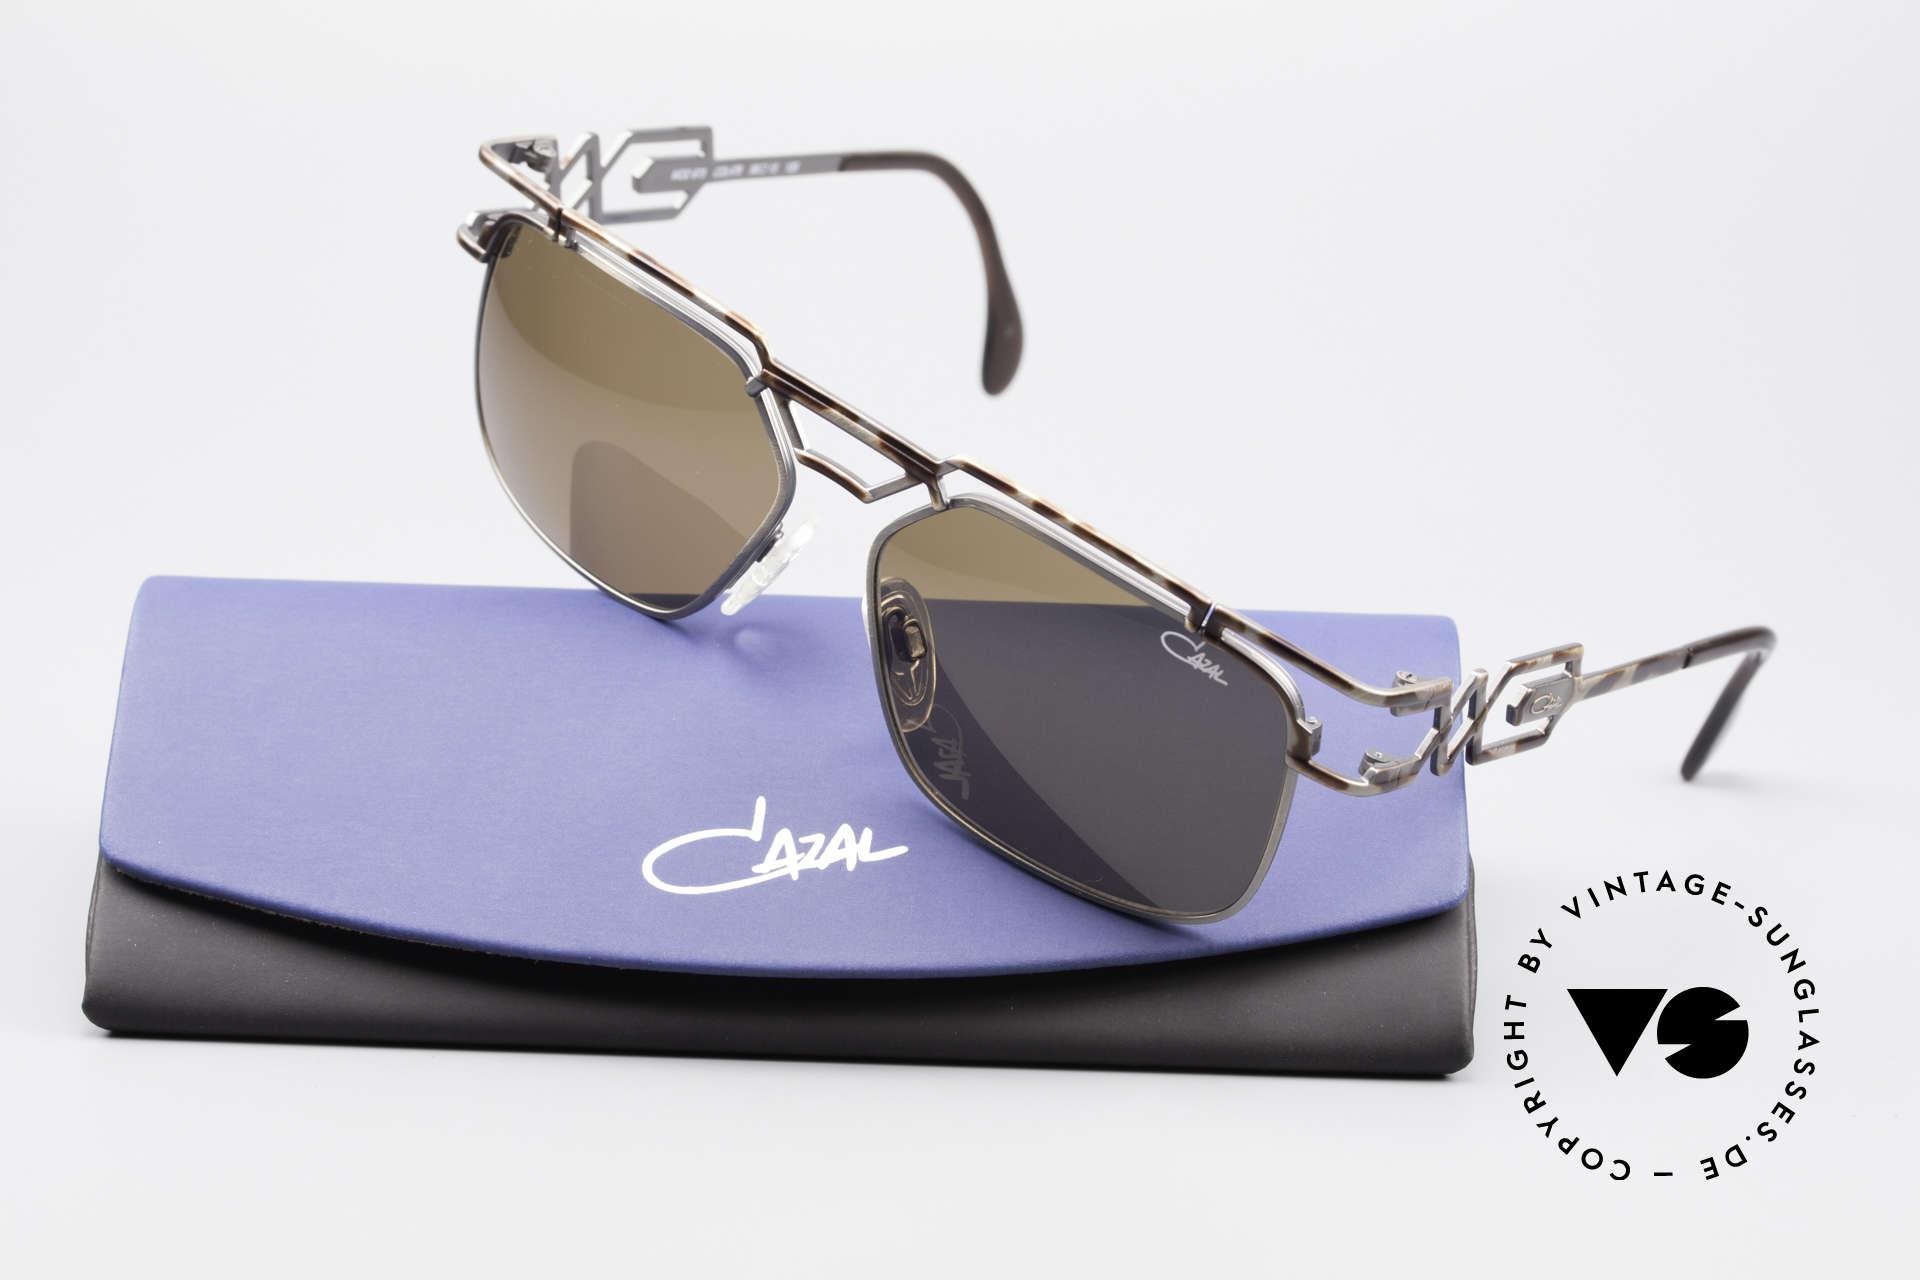 Cazal 973 90er Qualität Sonnenbrille, ein Highlight für alle Design- und Qualitätsliebhaber, Passend für Herren und Damen